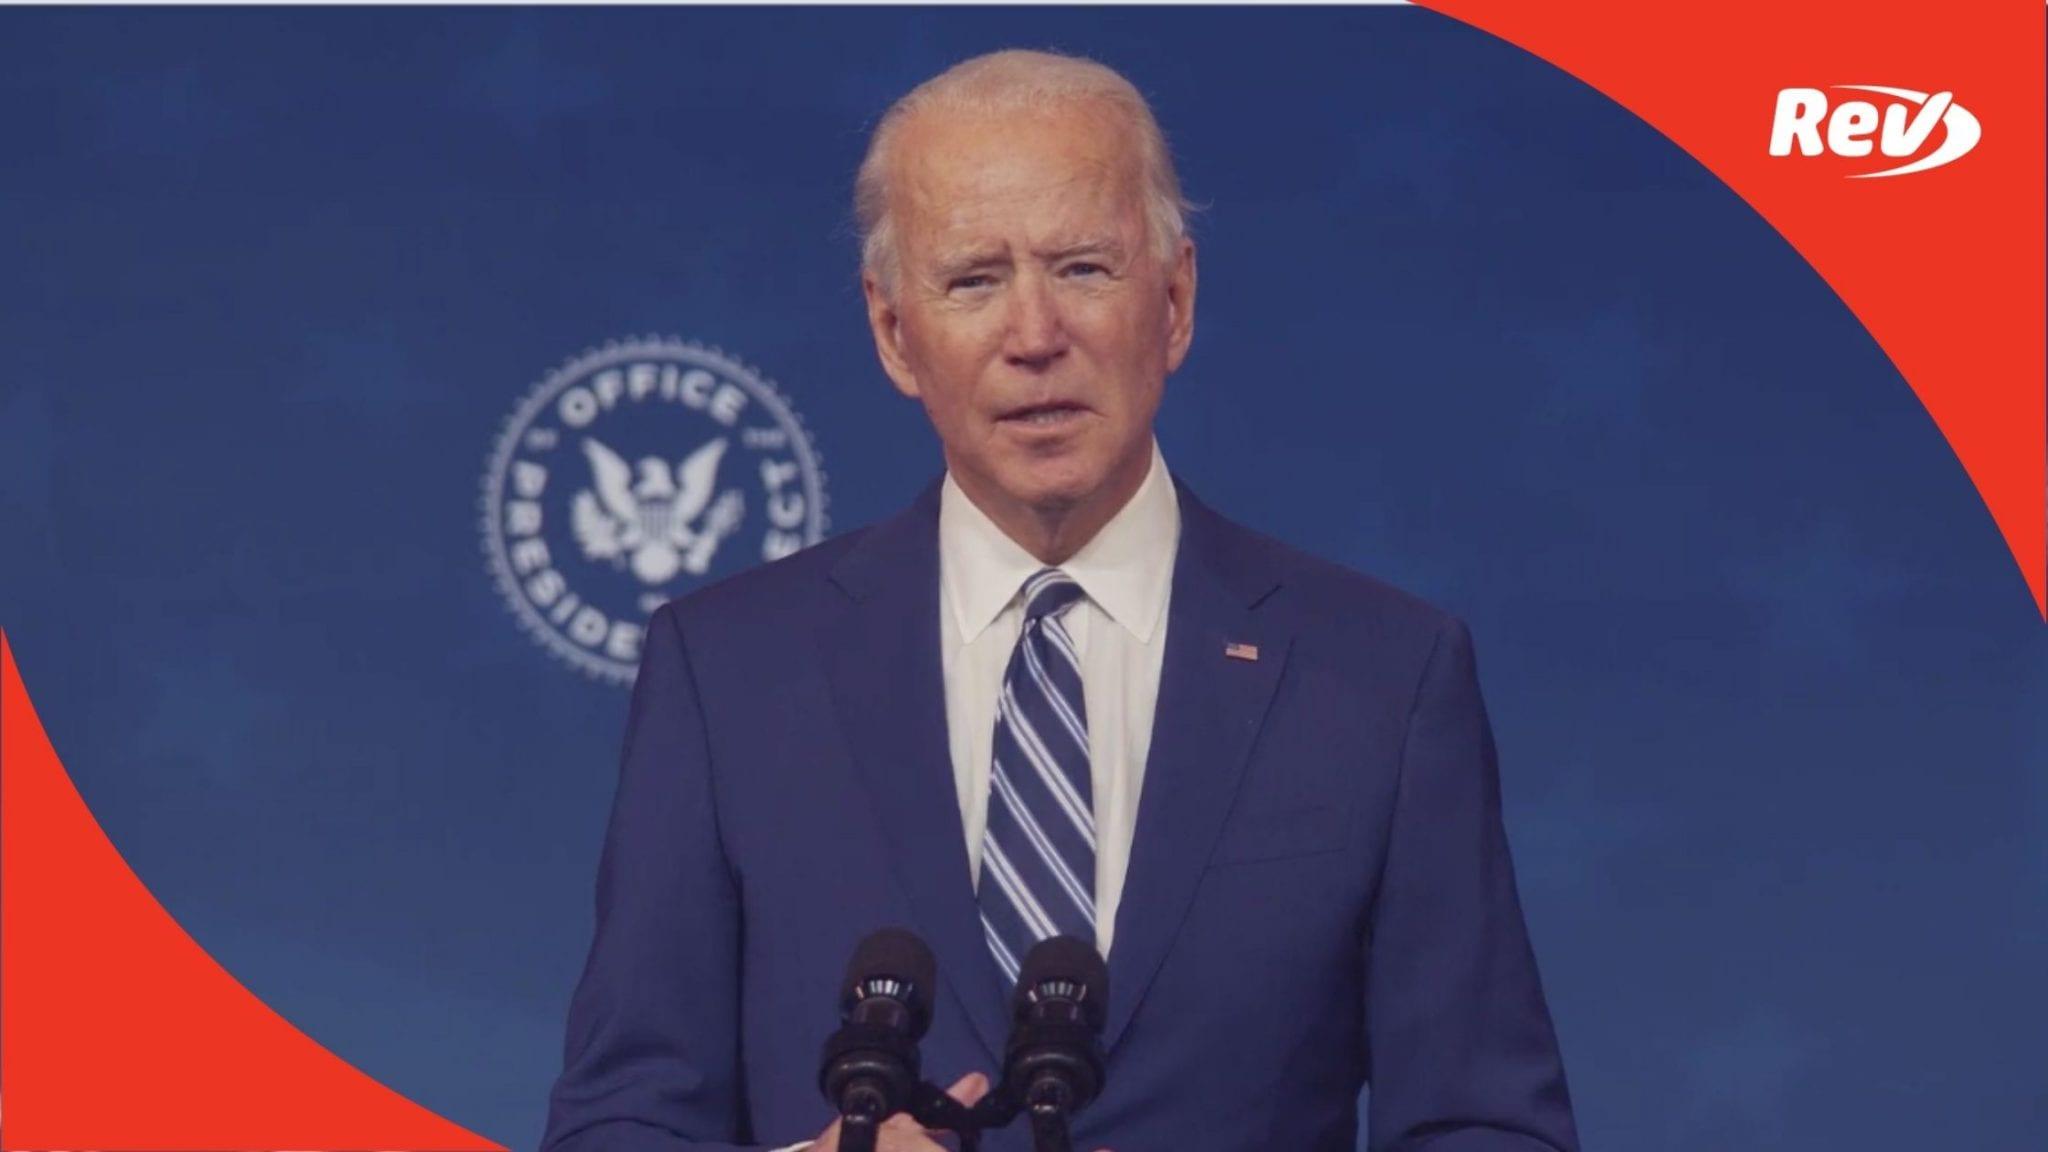 Joe Biden Introduces Gen. Lloyd Austin as Defense Secretary Nominee Transcript December 9